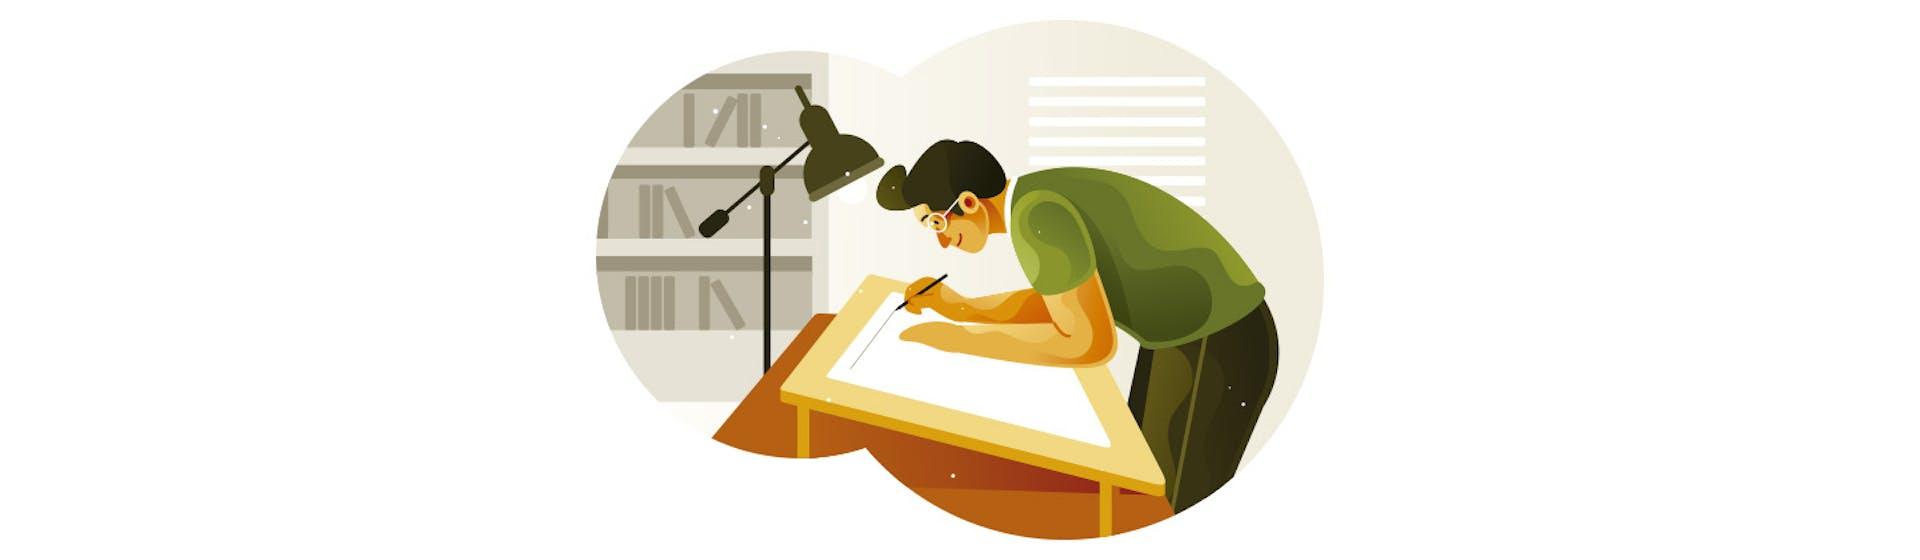 Aprende qué es un sketchbook y como transformarte en un experto dibujante